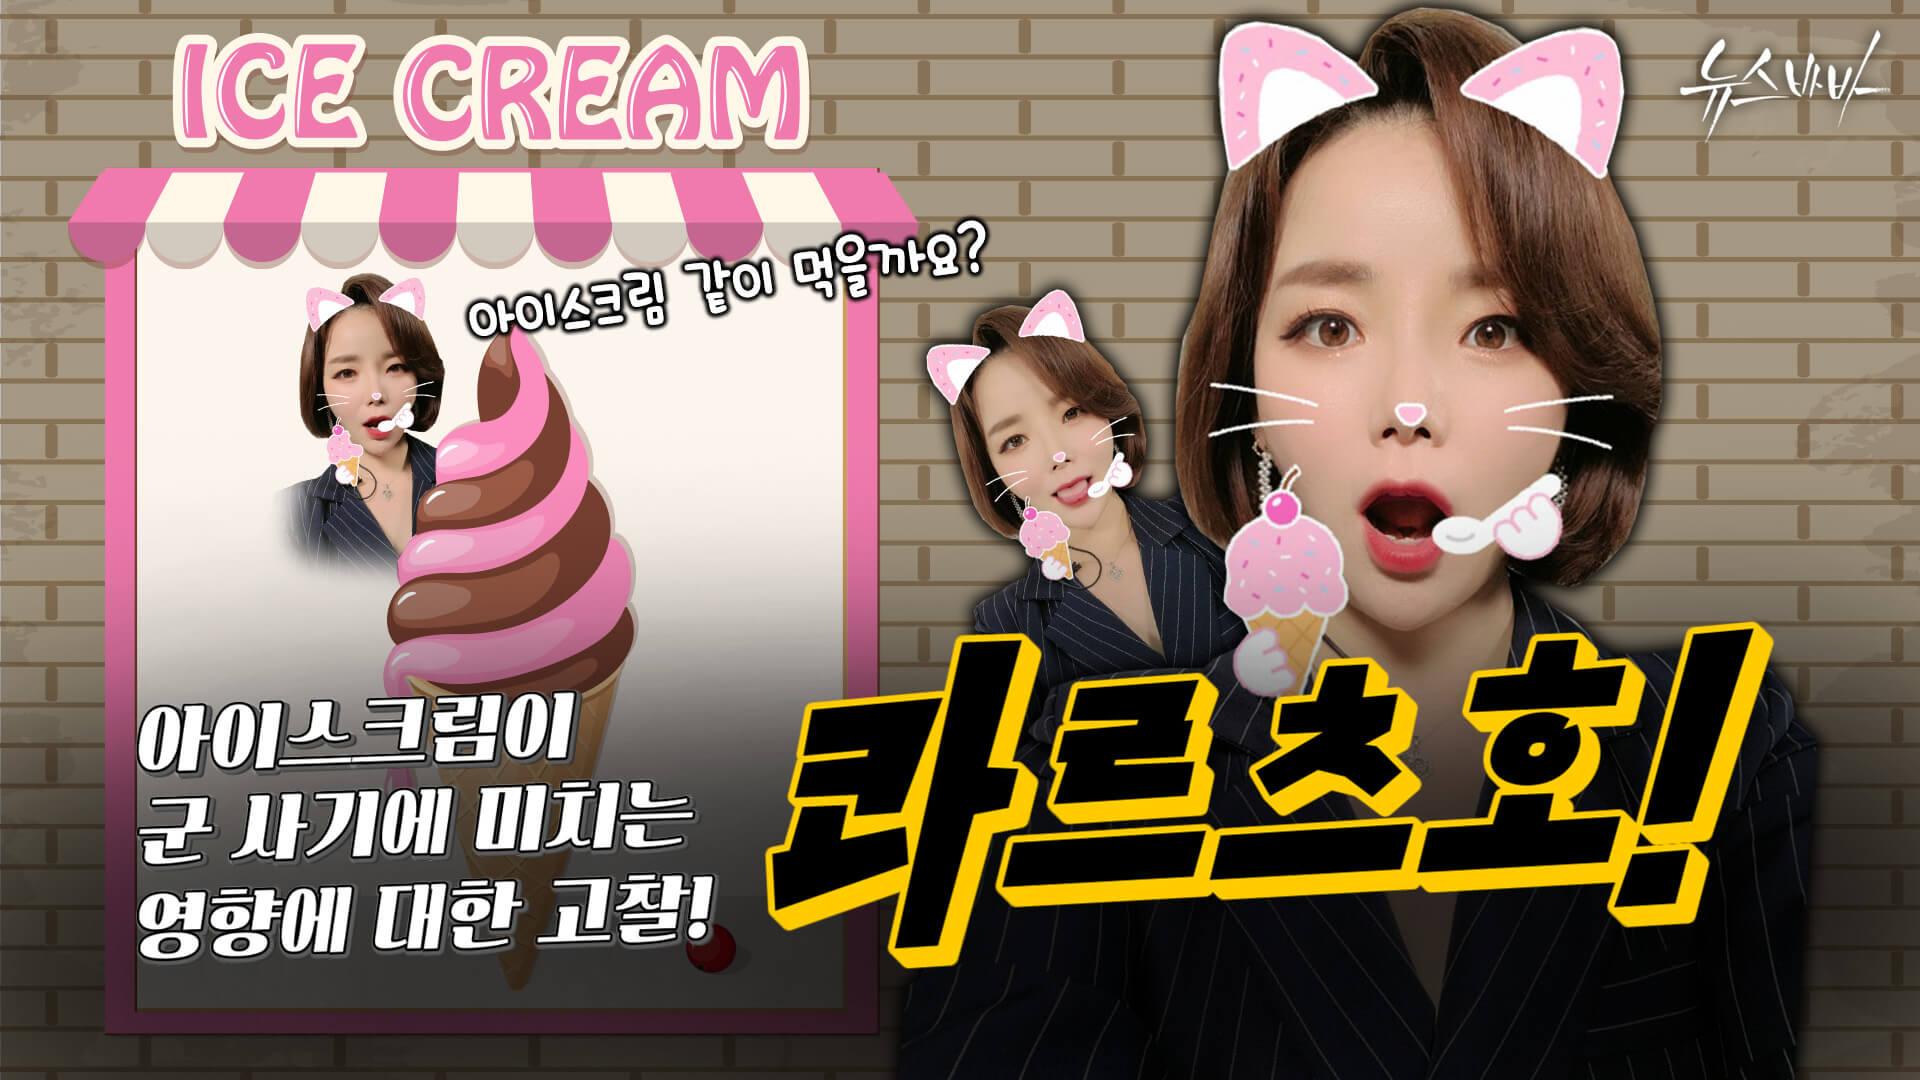 [뉴스바바] 아이스크림이 군 사